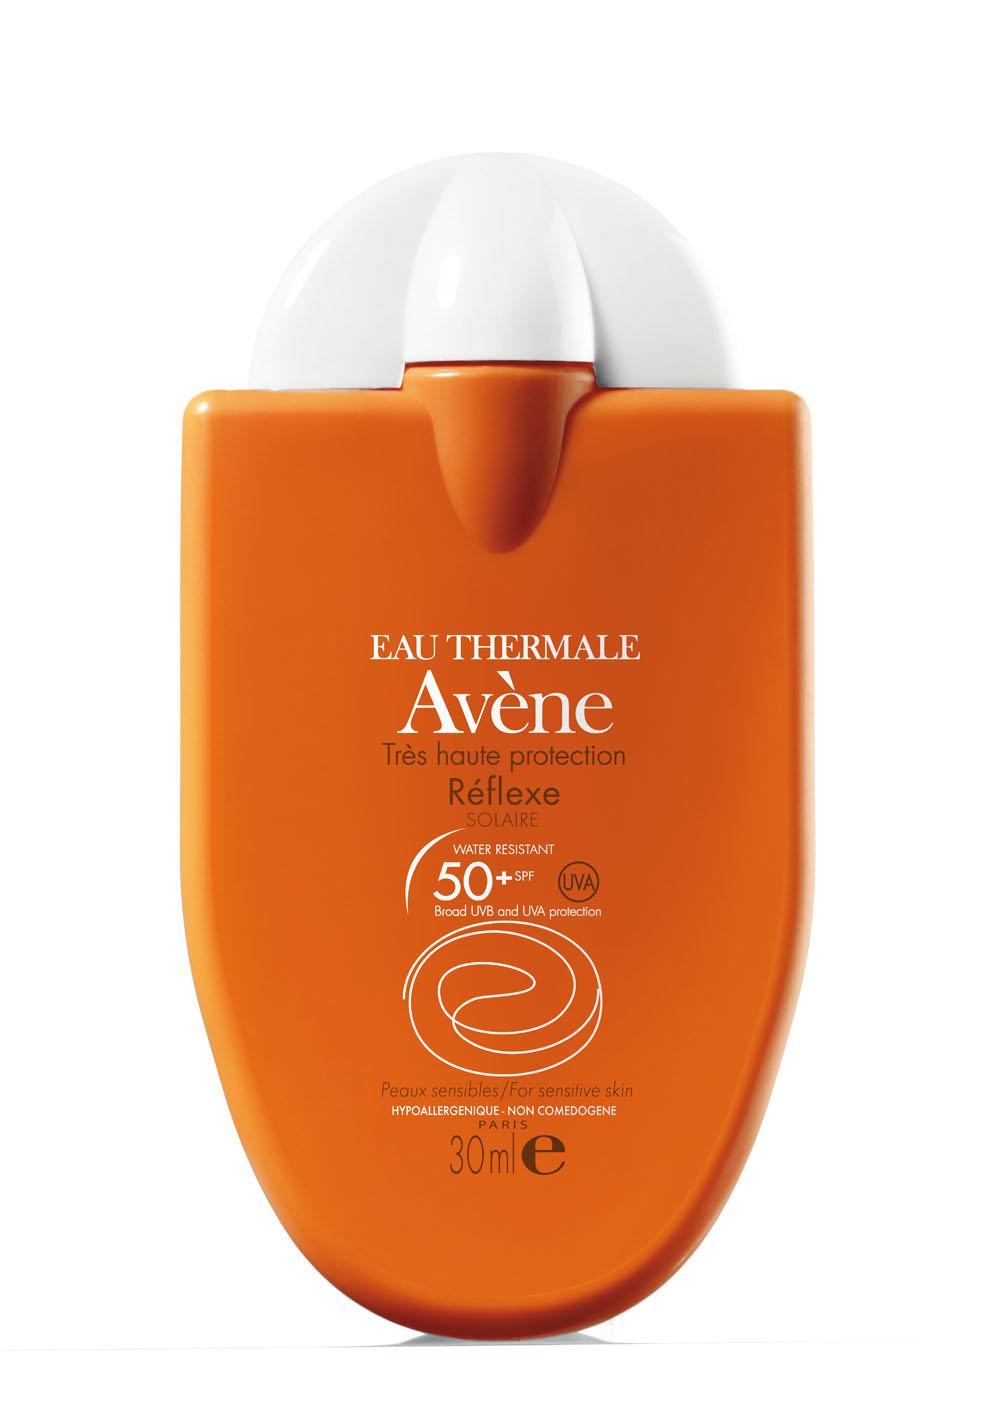 Image AVENE SOLAIRE SPF 50+ REFLEXE fluide